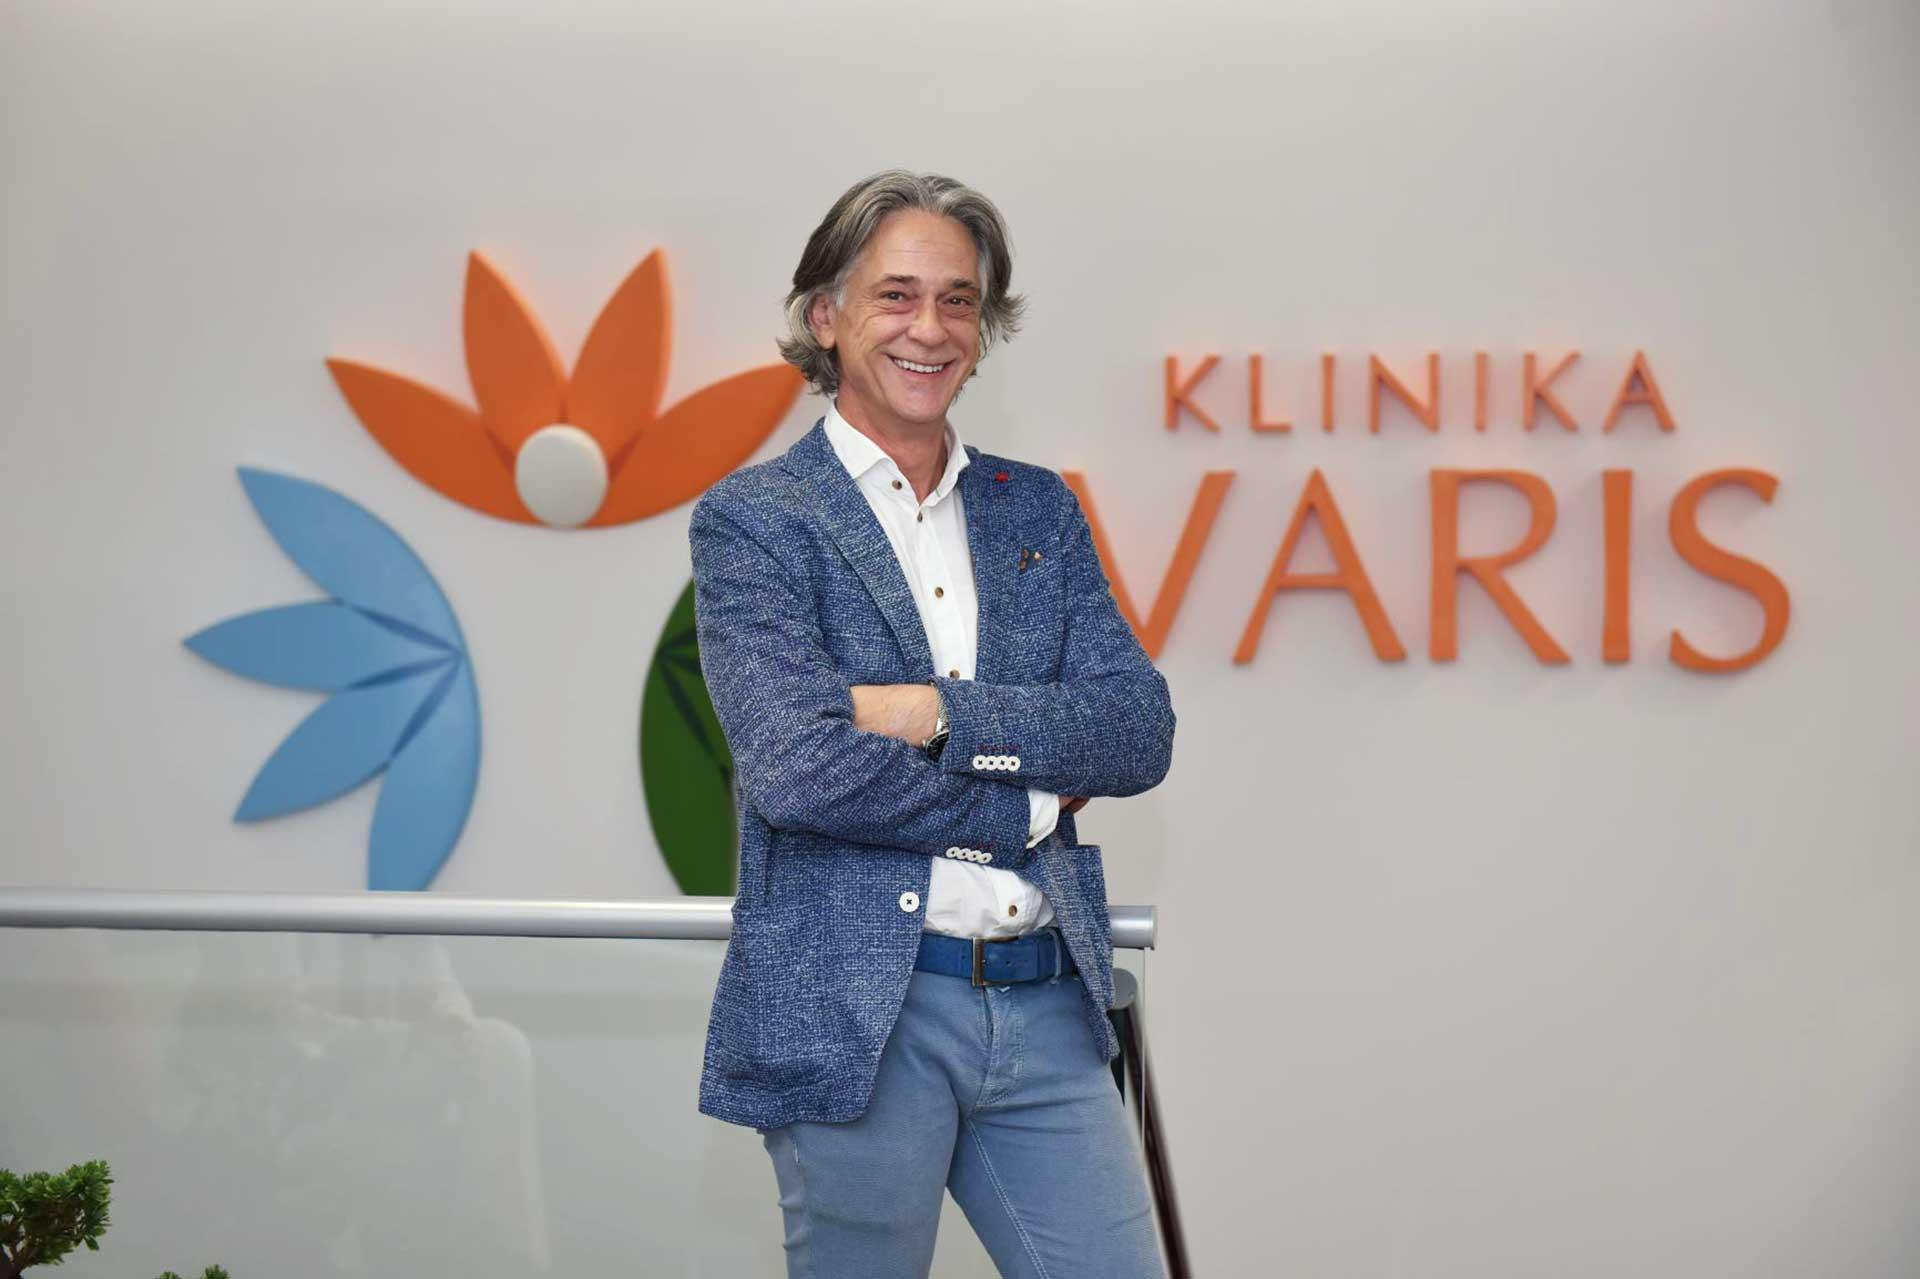 Klinika Varis - Dr Siniša Kojić